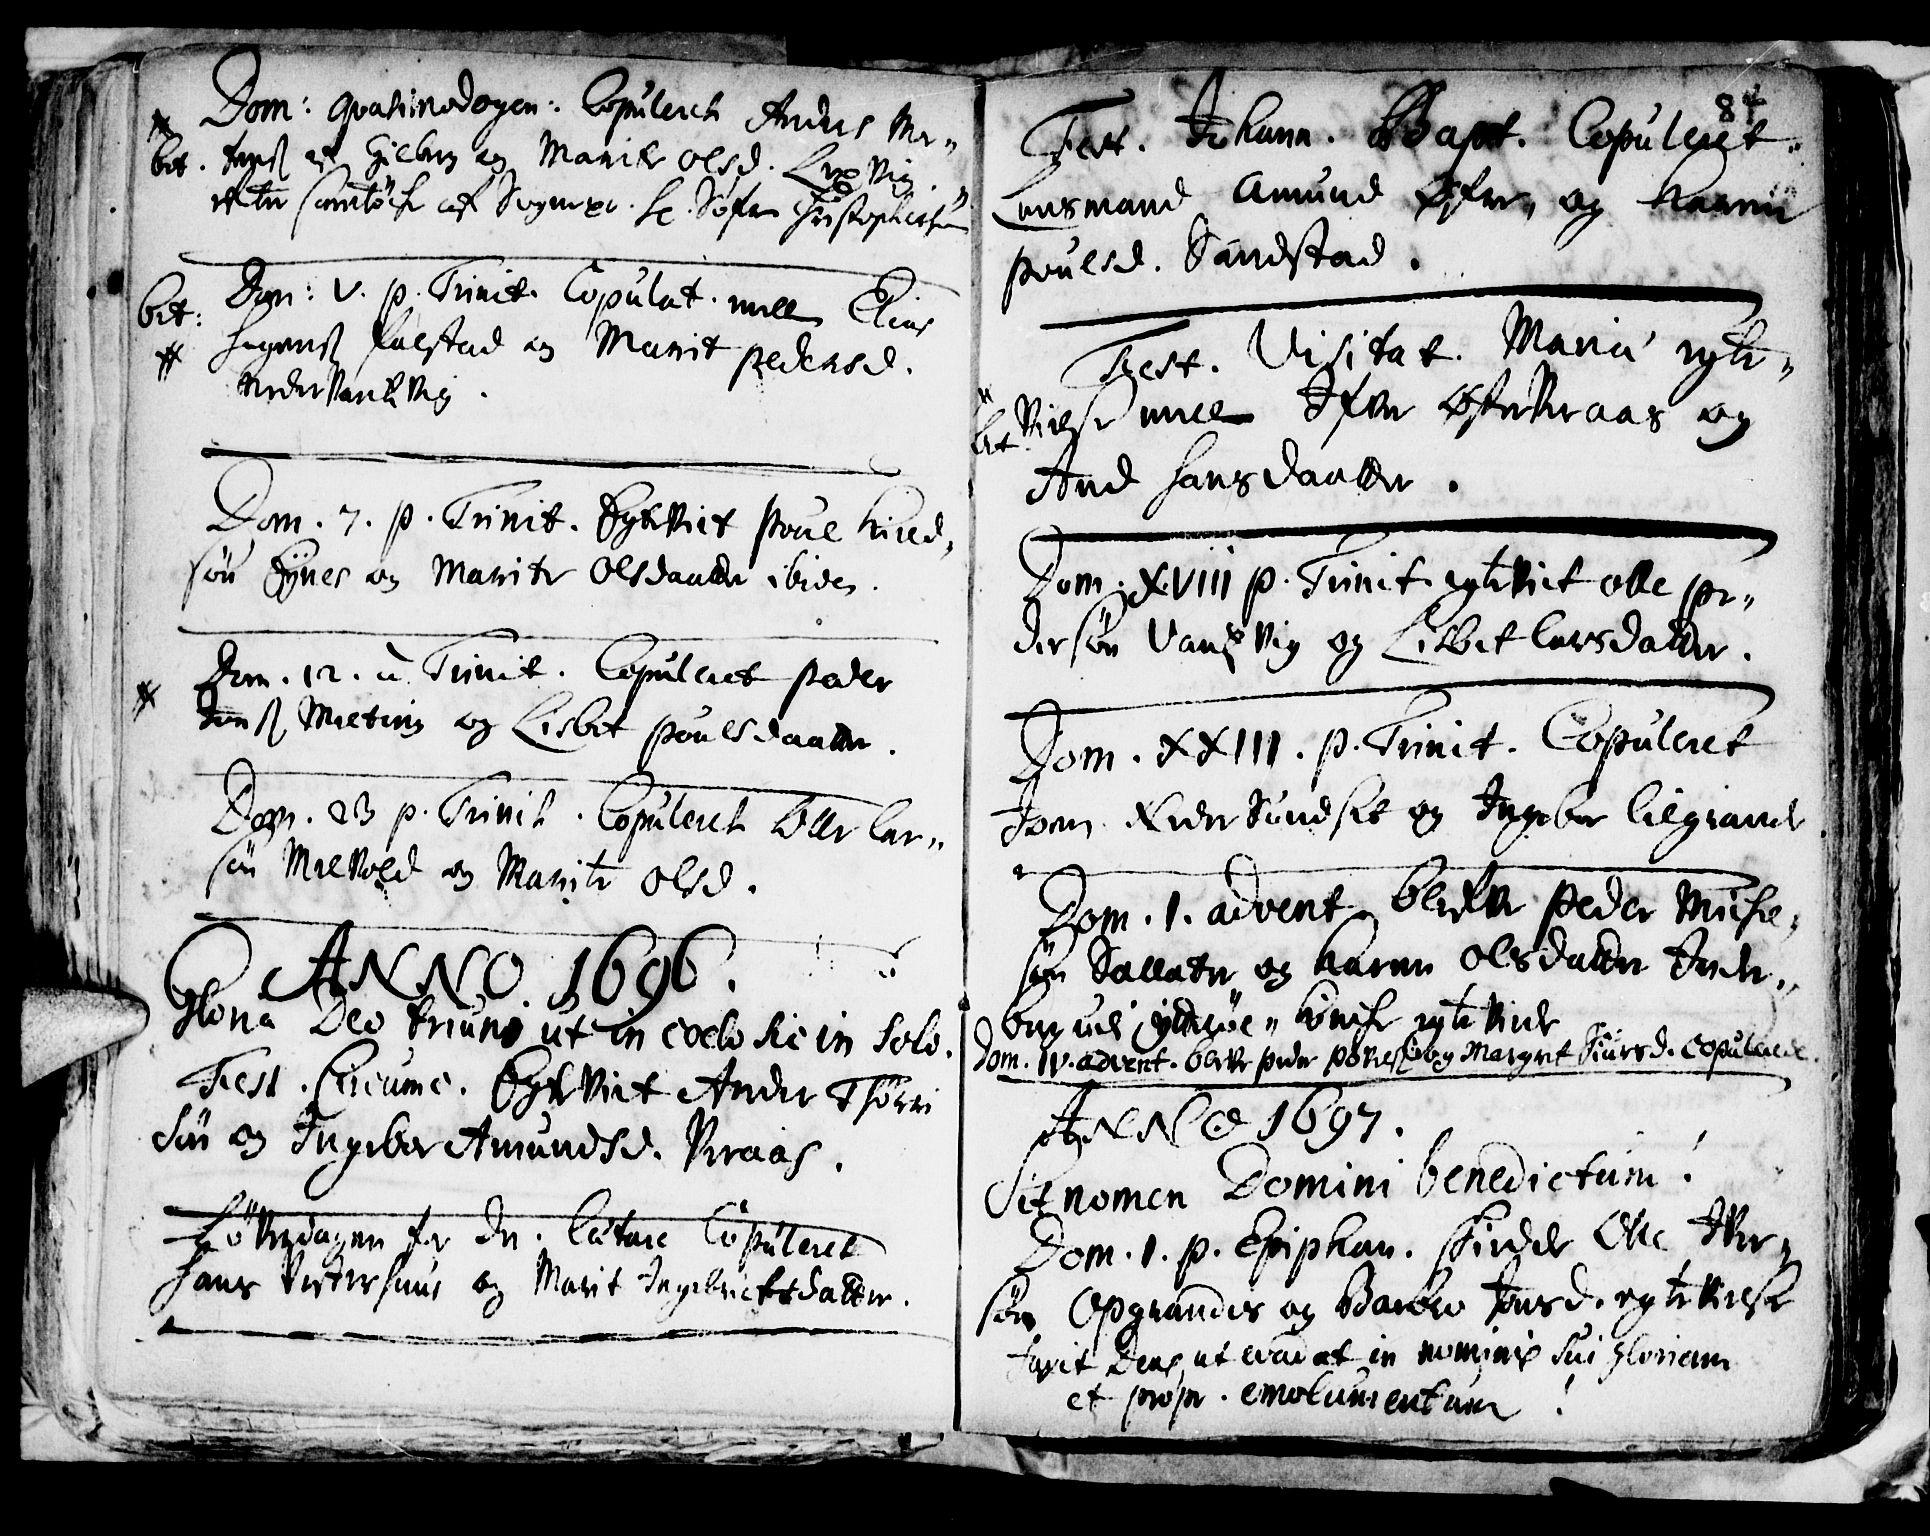 SAT, Ministerialprotokoller, klokkerbøker og fødselsregistre - Nord-Trøndelag, 722/L0214: Ministerialbok nr. 722A01, 1692-1718, s. 84